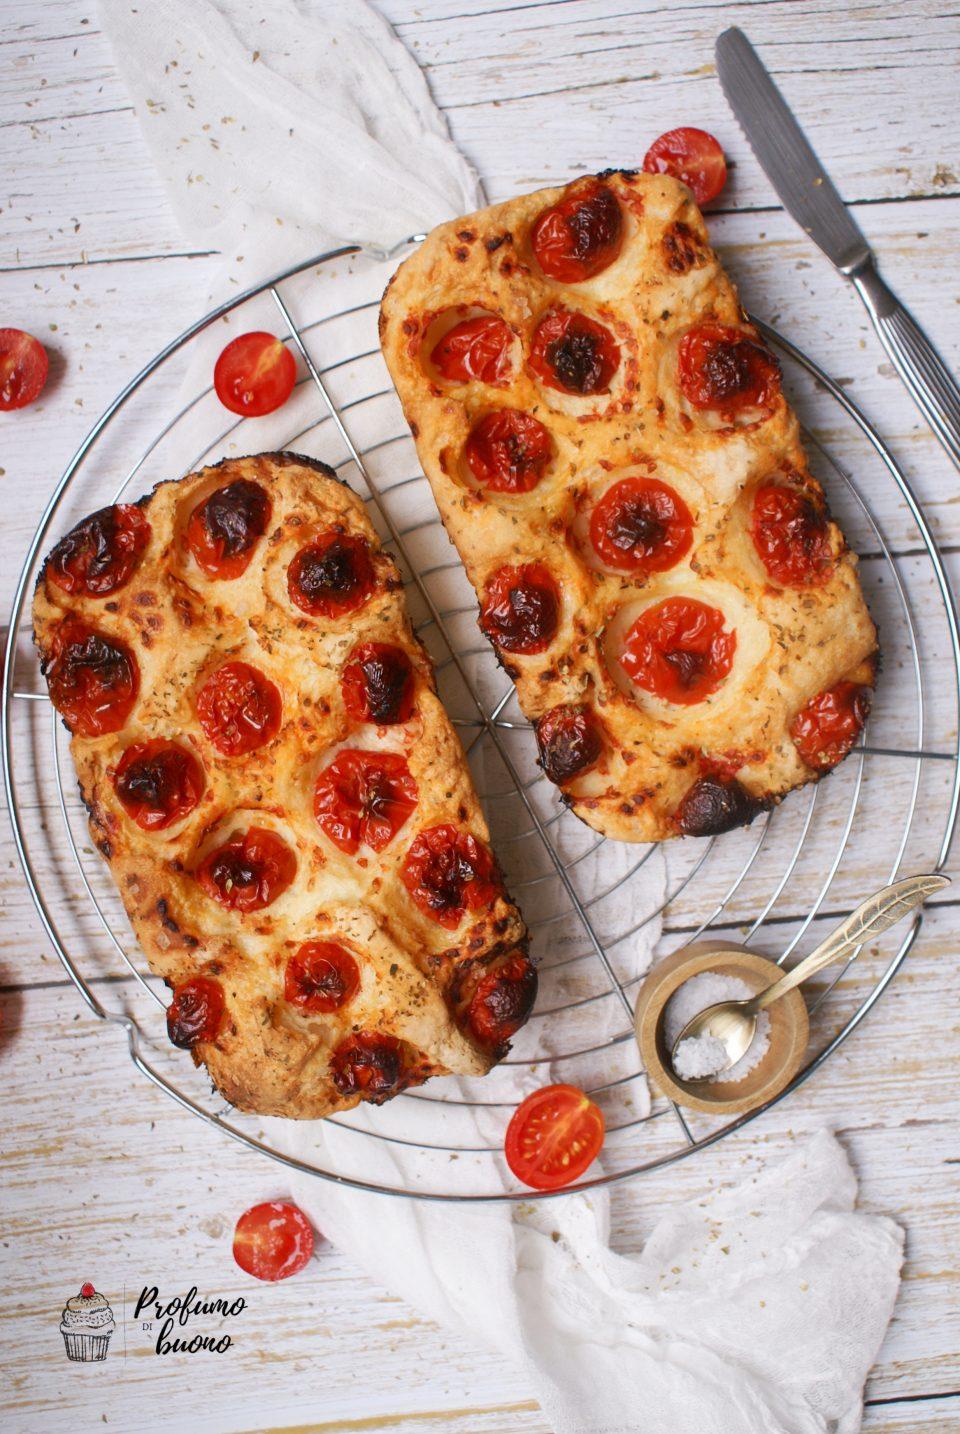 Focaccia senza glutine nella ZeroGlu con pomodorini e origano